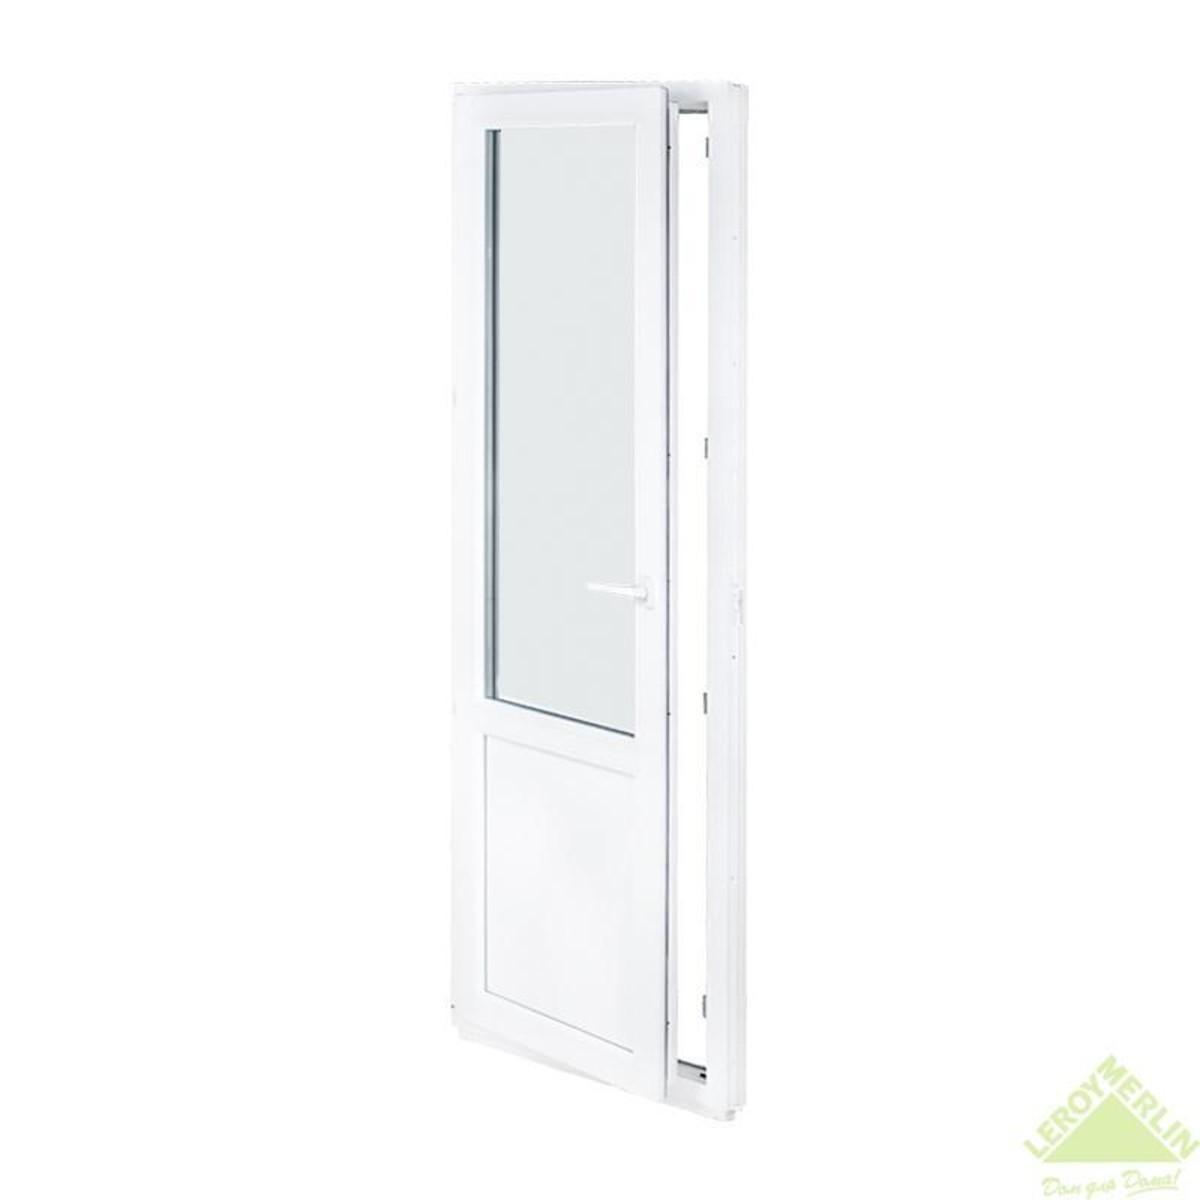 Дверь балконная ПВХ 70х210 см левая